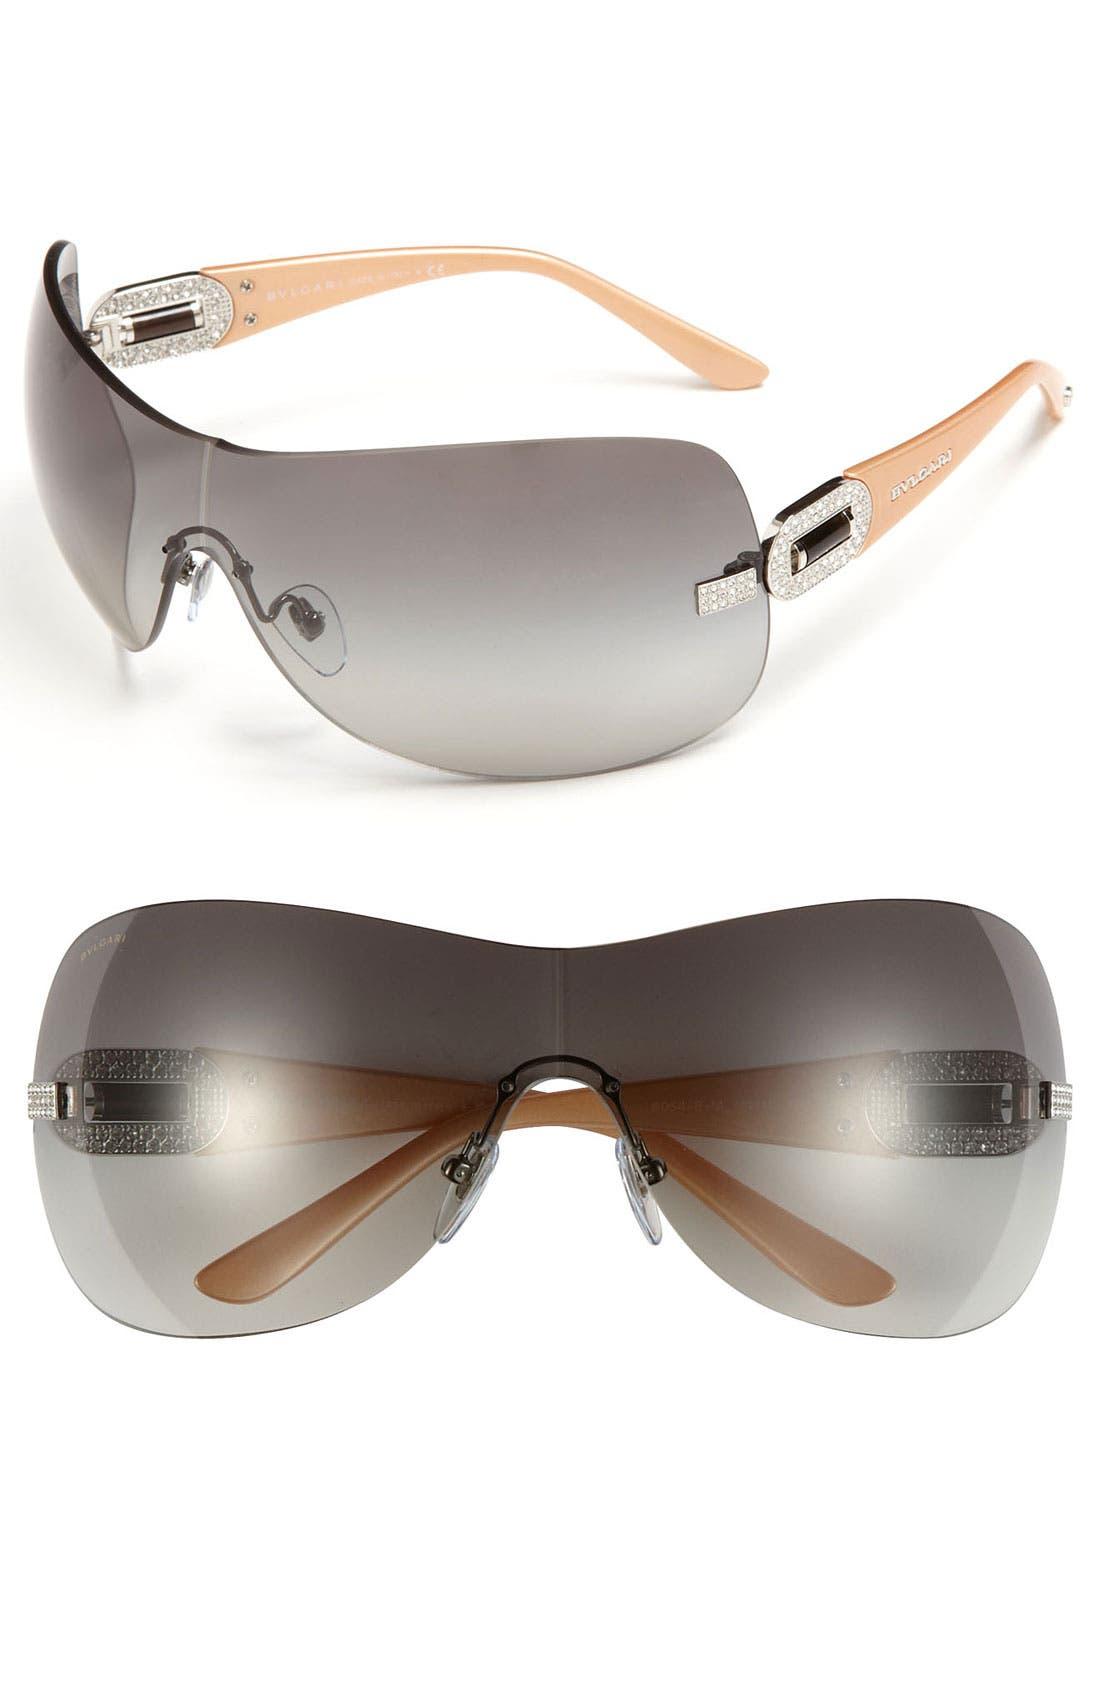 Main Image - BVLGARI 'Icona' Shield Sunglasses